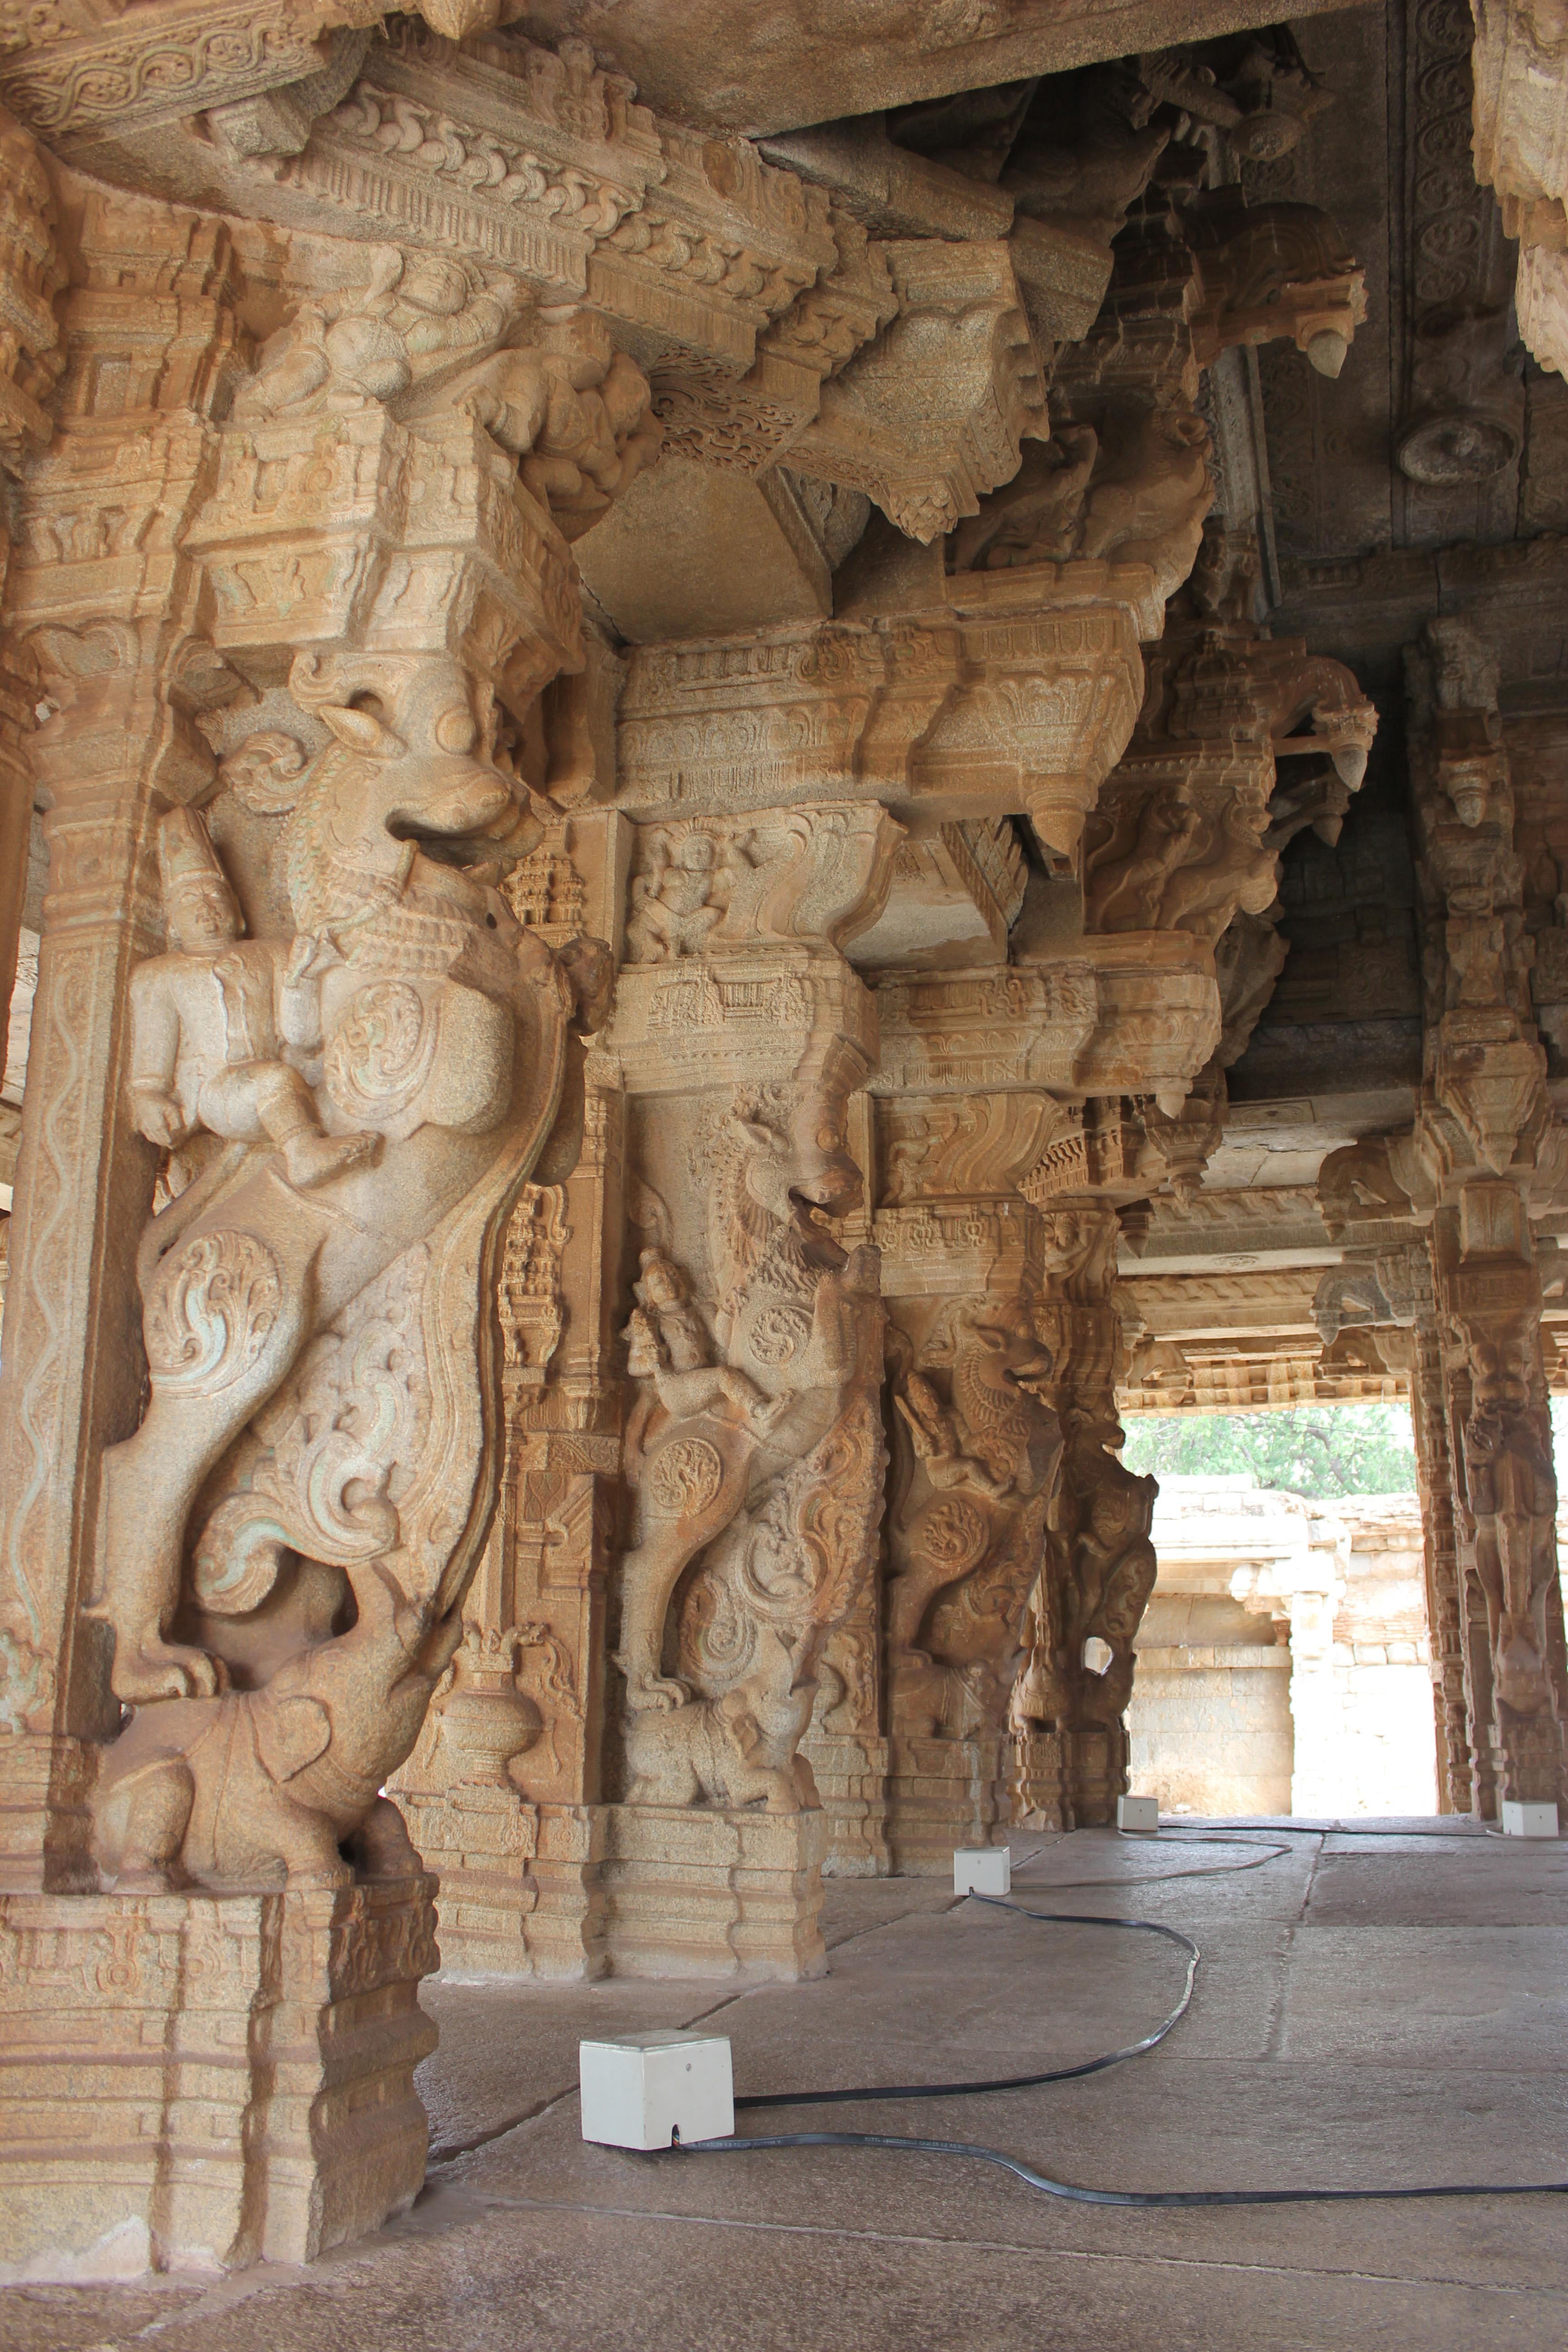 Pallava rock architecture and sculpture